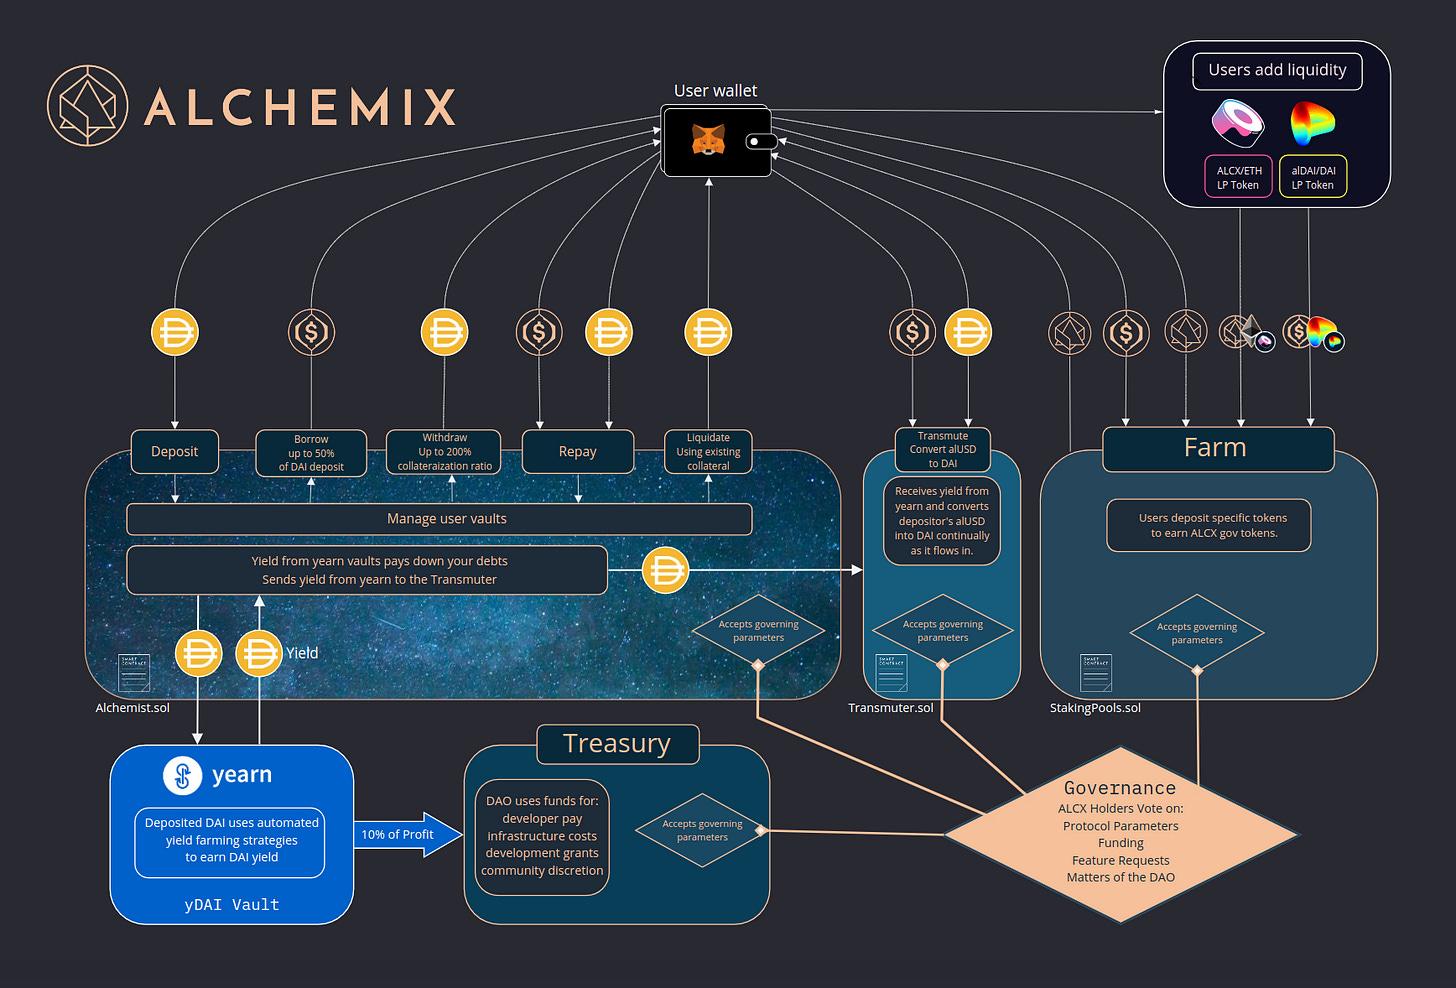 How Alchemix works